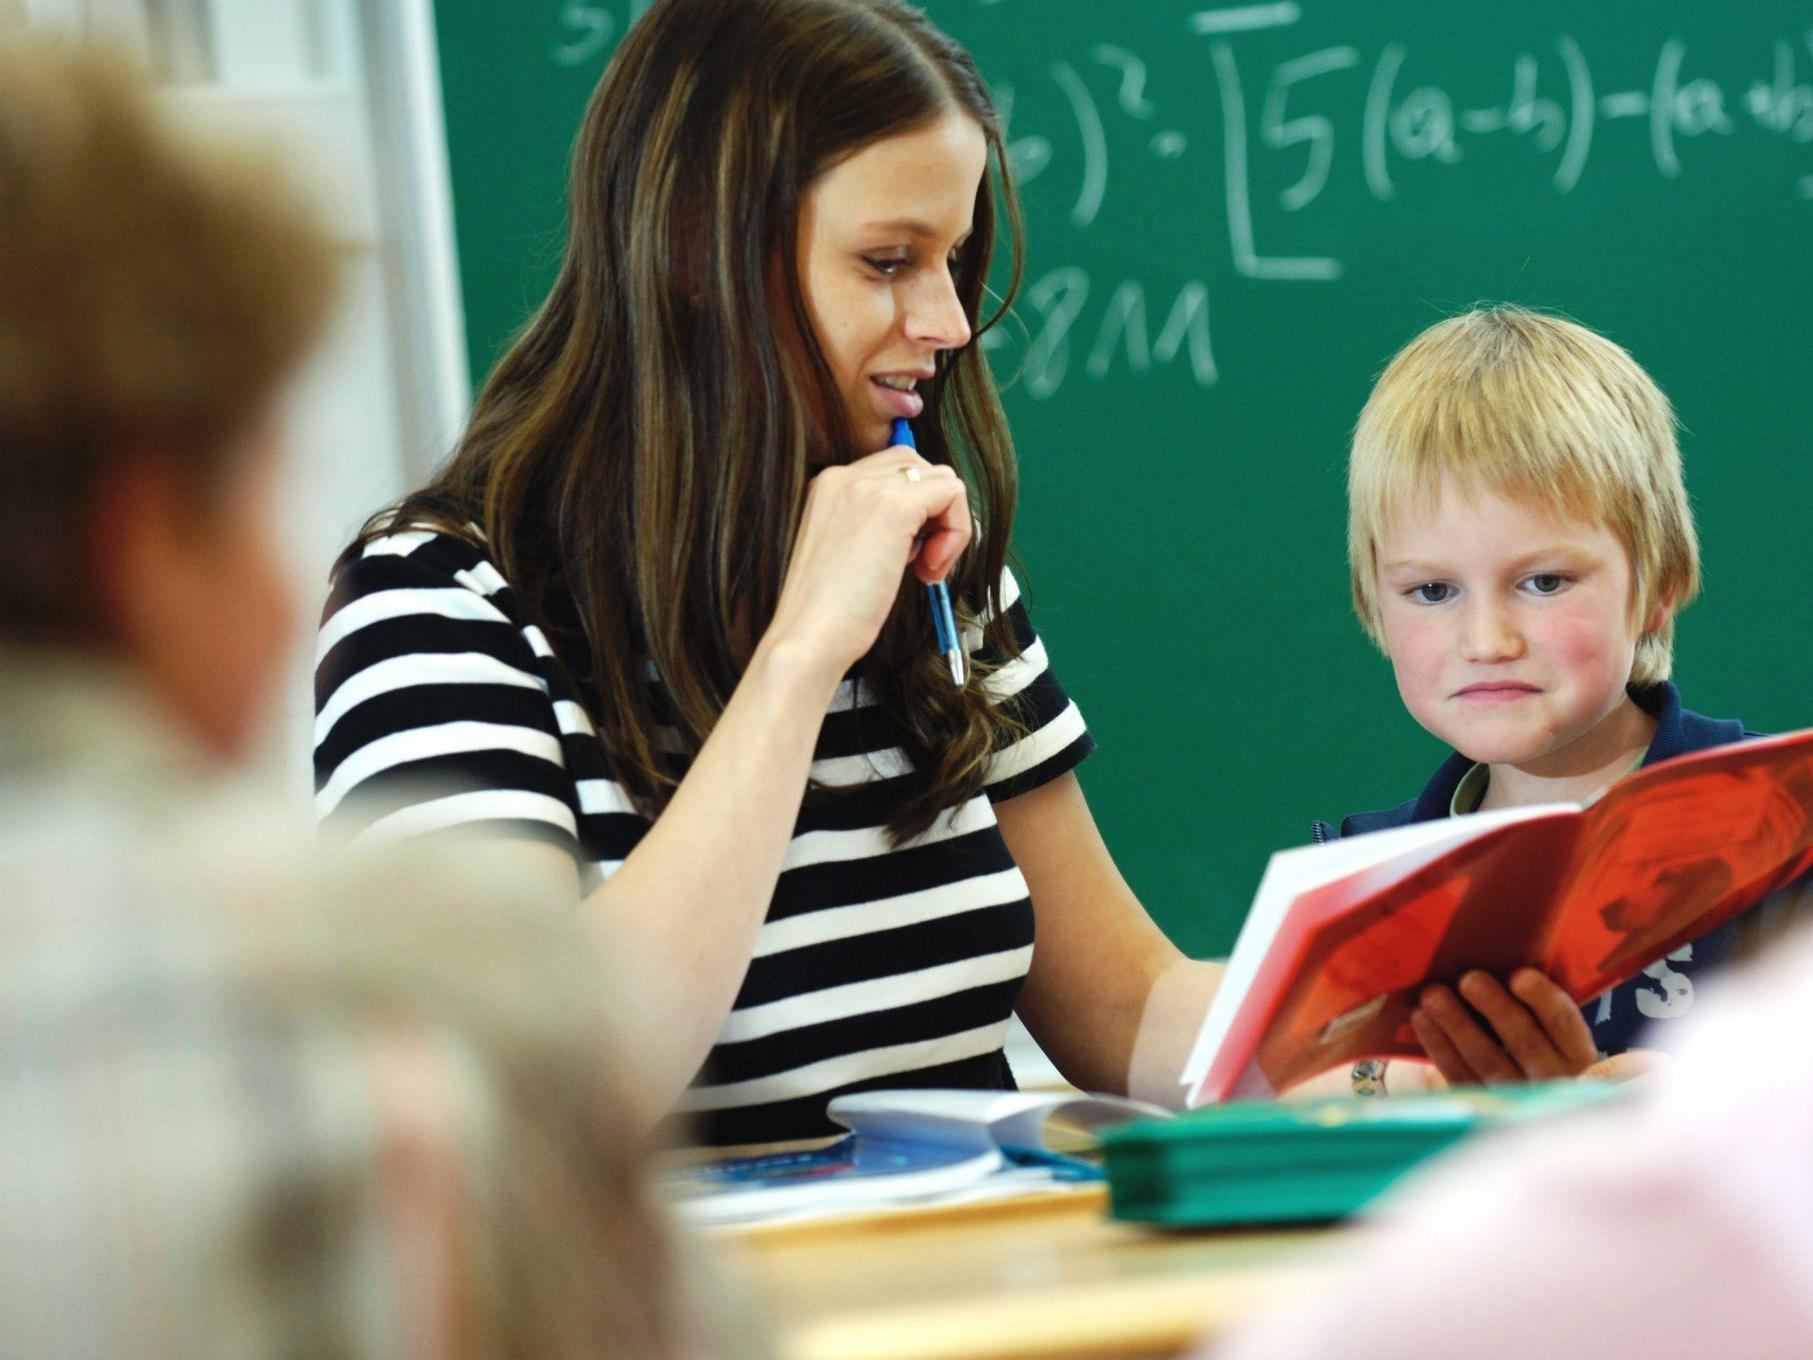 Es soll 2.420 Euro brutto als Einstiegs-Grundgehalt für alle Lehrer geben, unabhängig von Schultyp oder Fach.